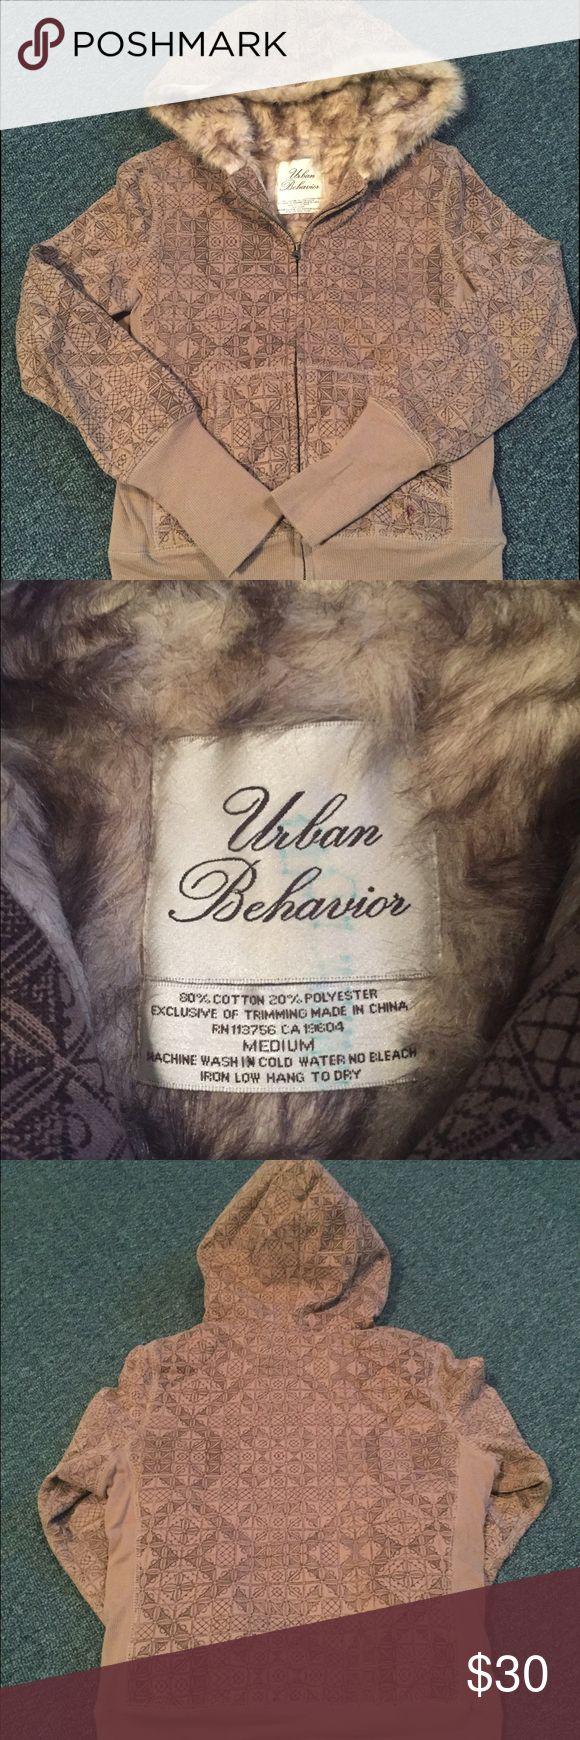 Urban Behavior Faux Fur Medium Brown Hoodie Urban Behavior Faux Fur Medium Brown Hoodie - Super cute and cozy! Urban Behavior Tops Sweatshirts & Hoodies